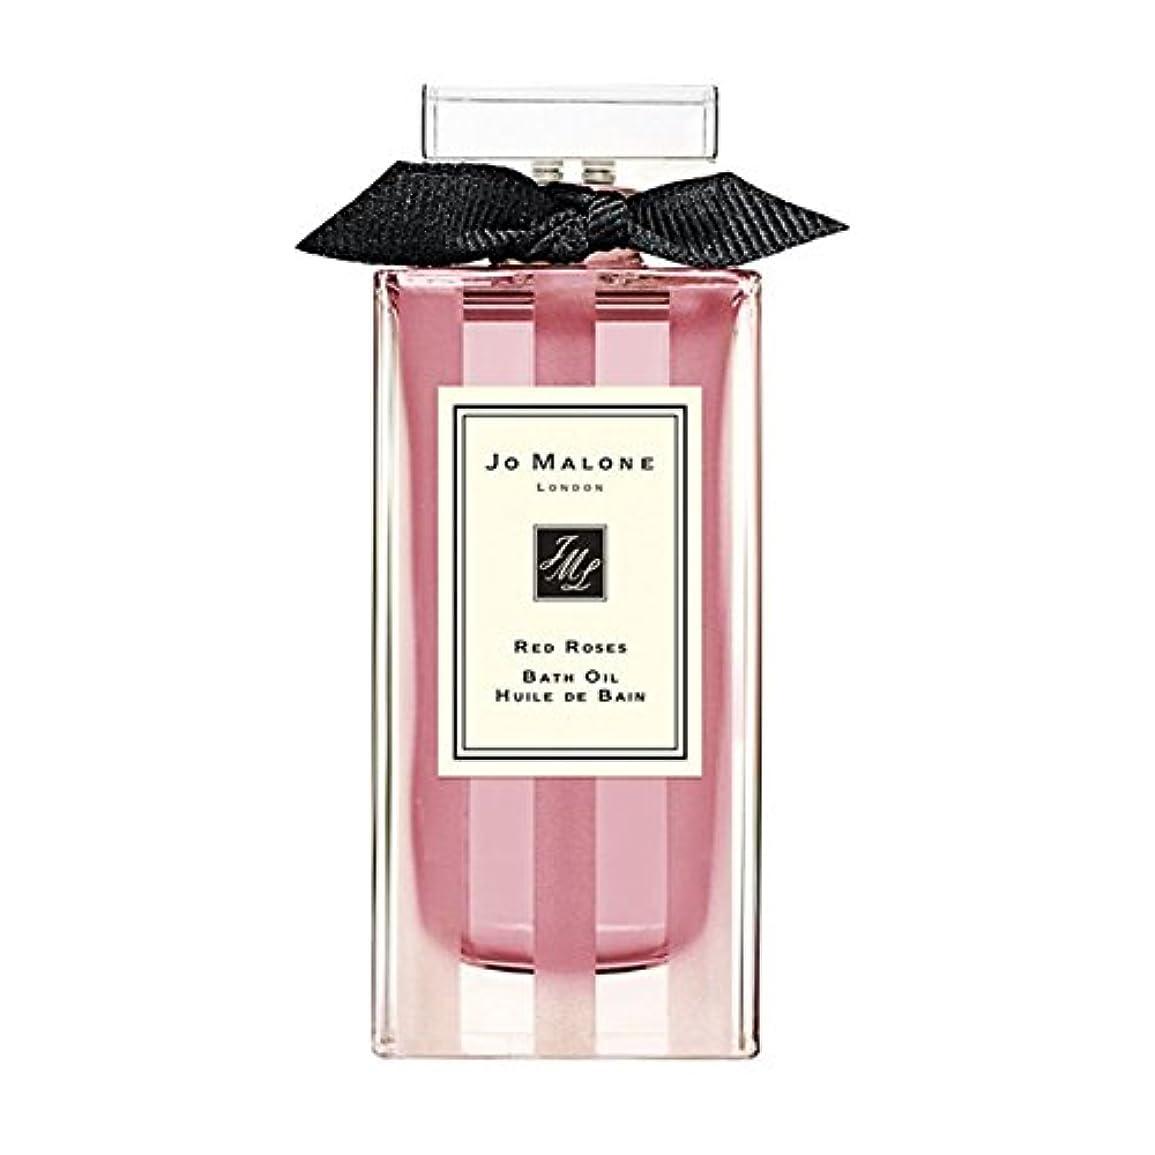 強化する叙情的な発行Jo Maloneジョーマローン, バスオイル - 赤いバラ (30ml)  'Red Roses' Bath Oil (1oz) [海外直送品] [並行輸入品]